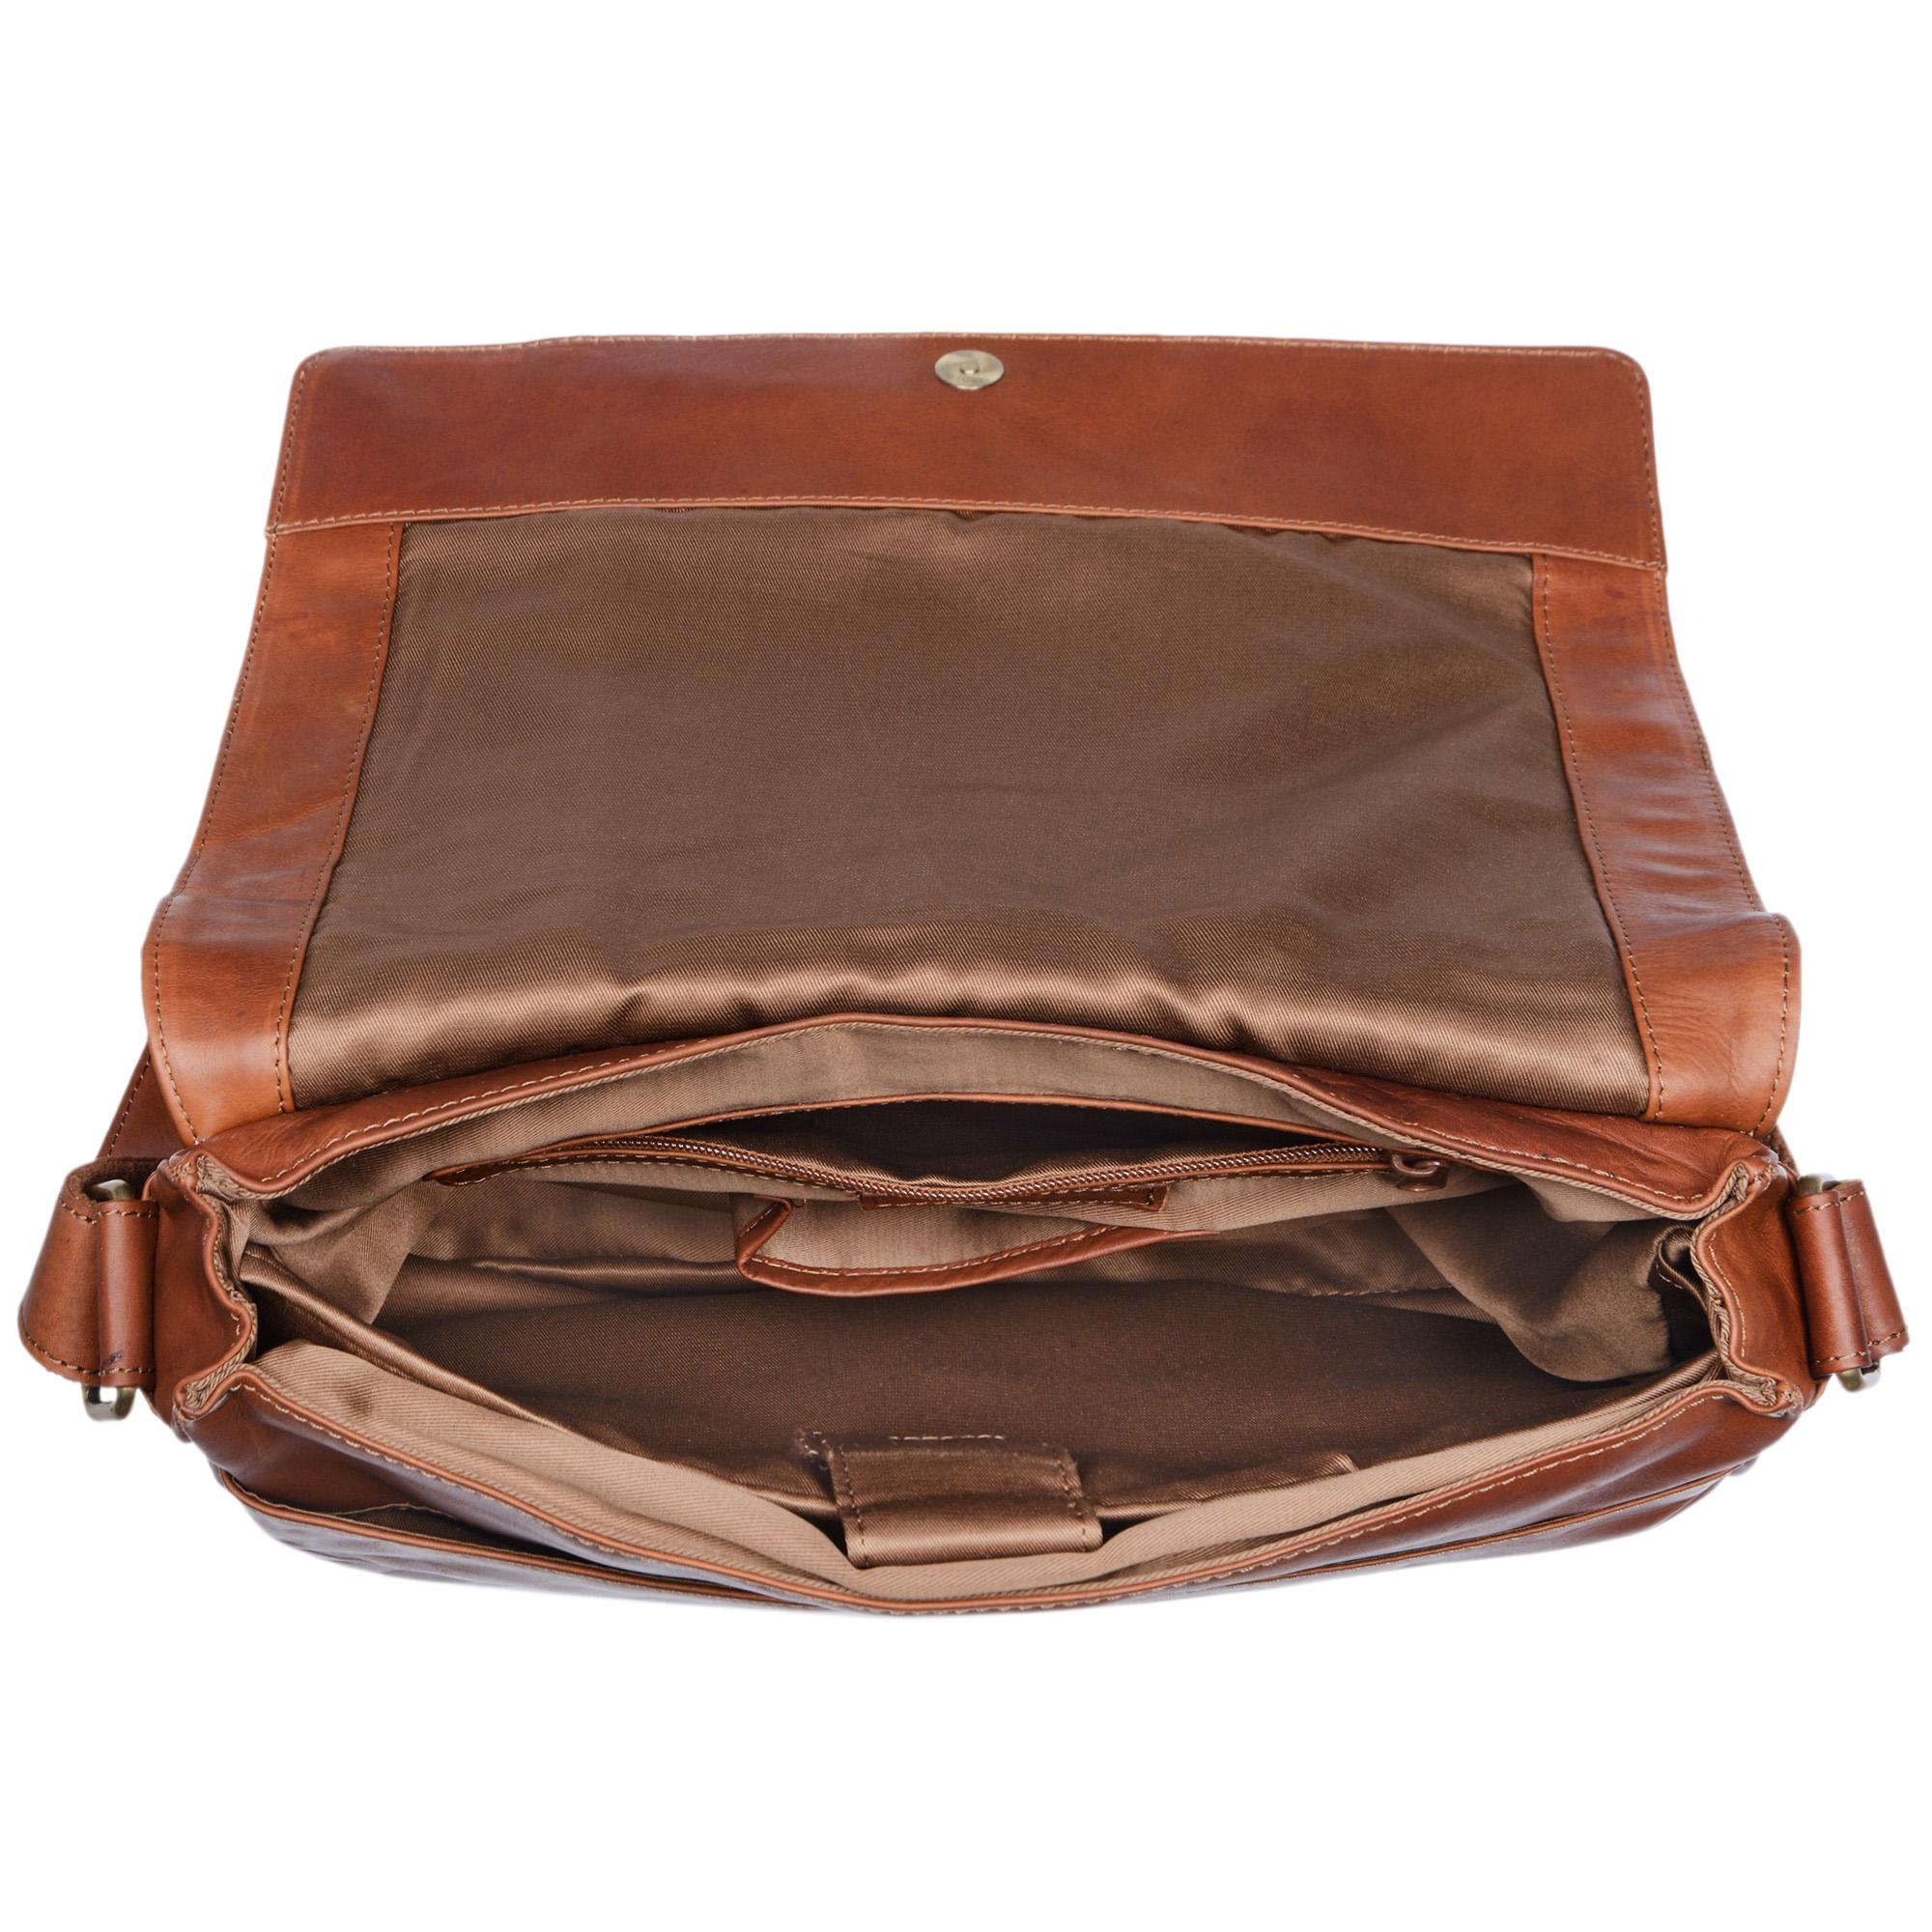 Leder Messenger Bag 13 Zoll Laptopfach